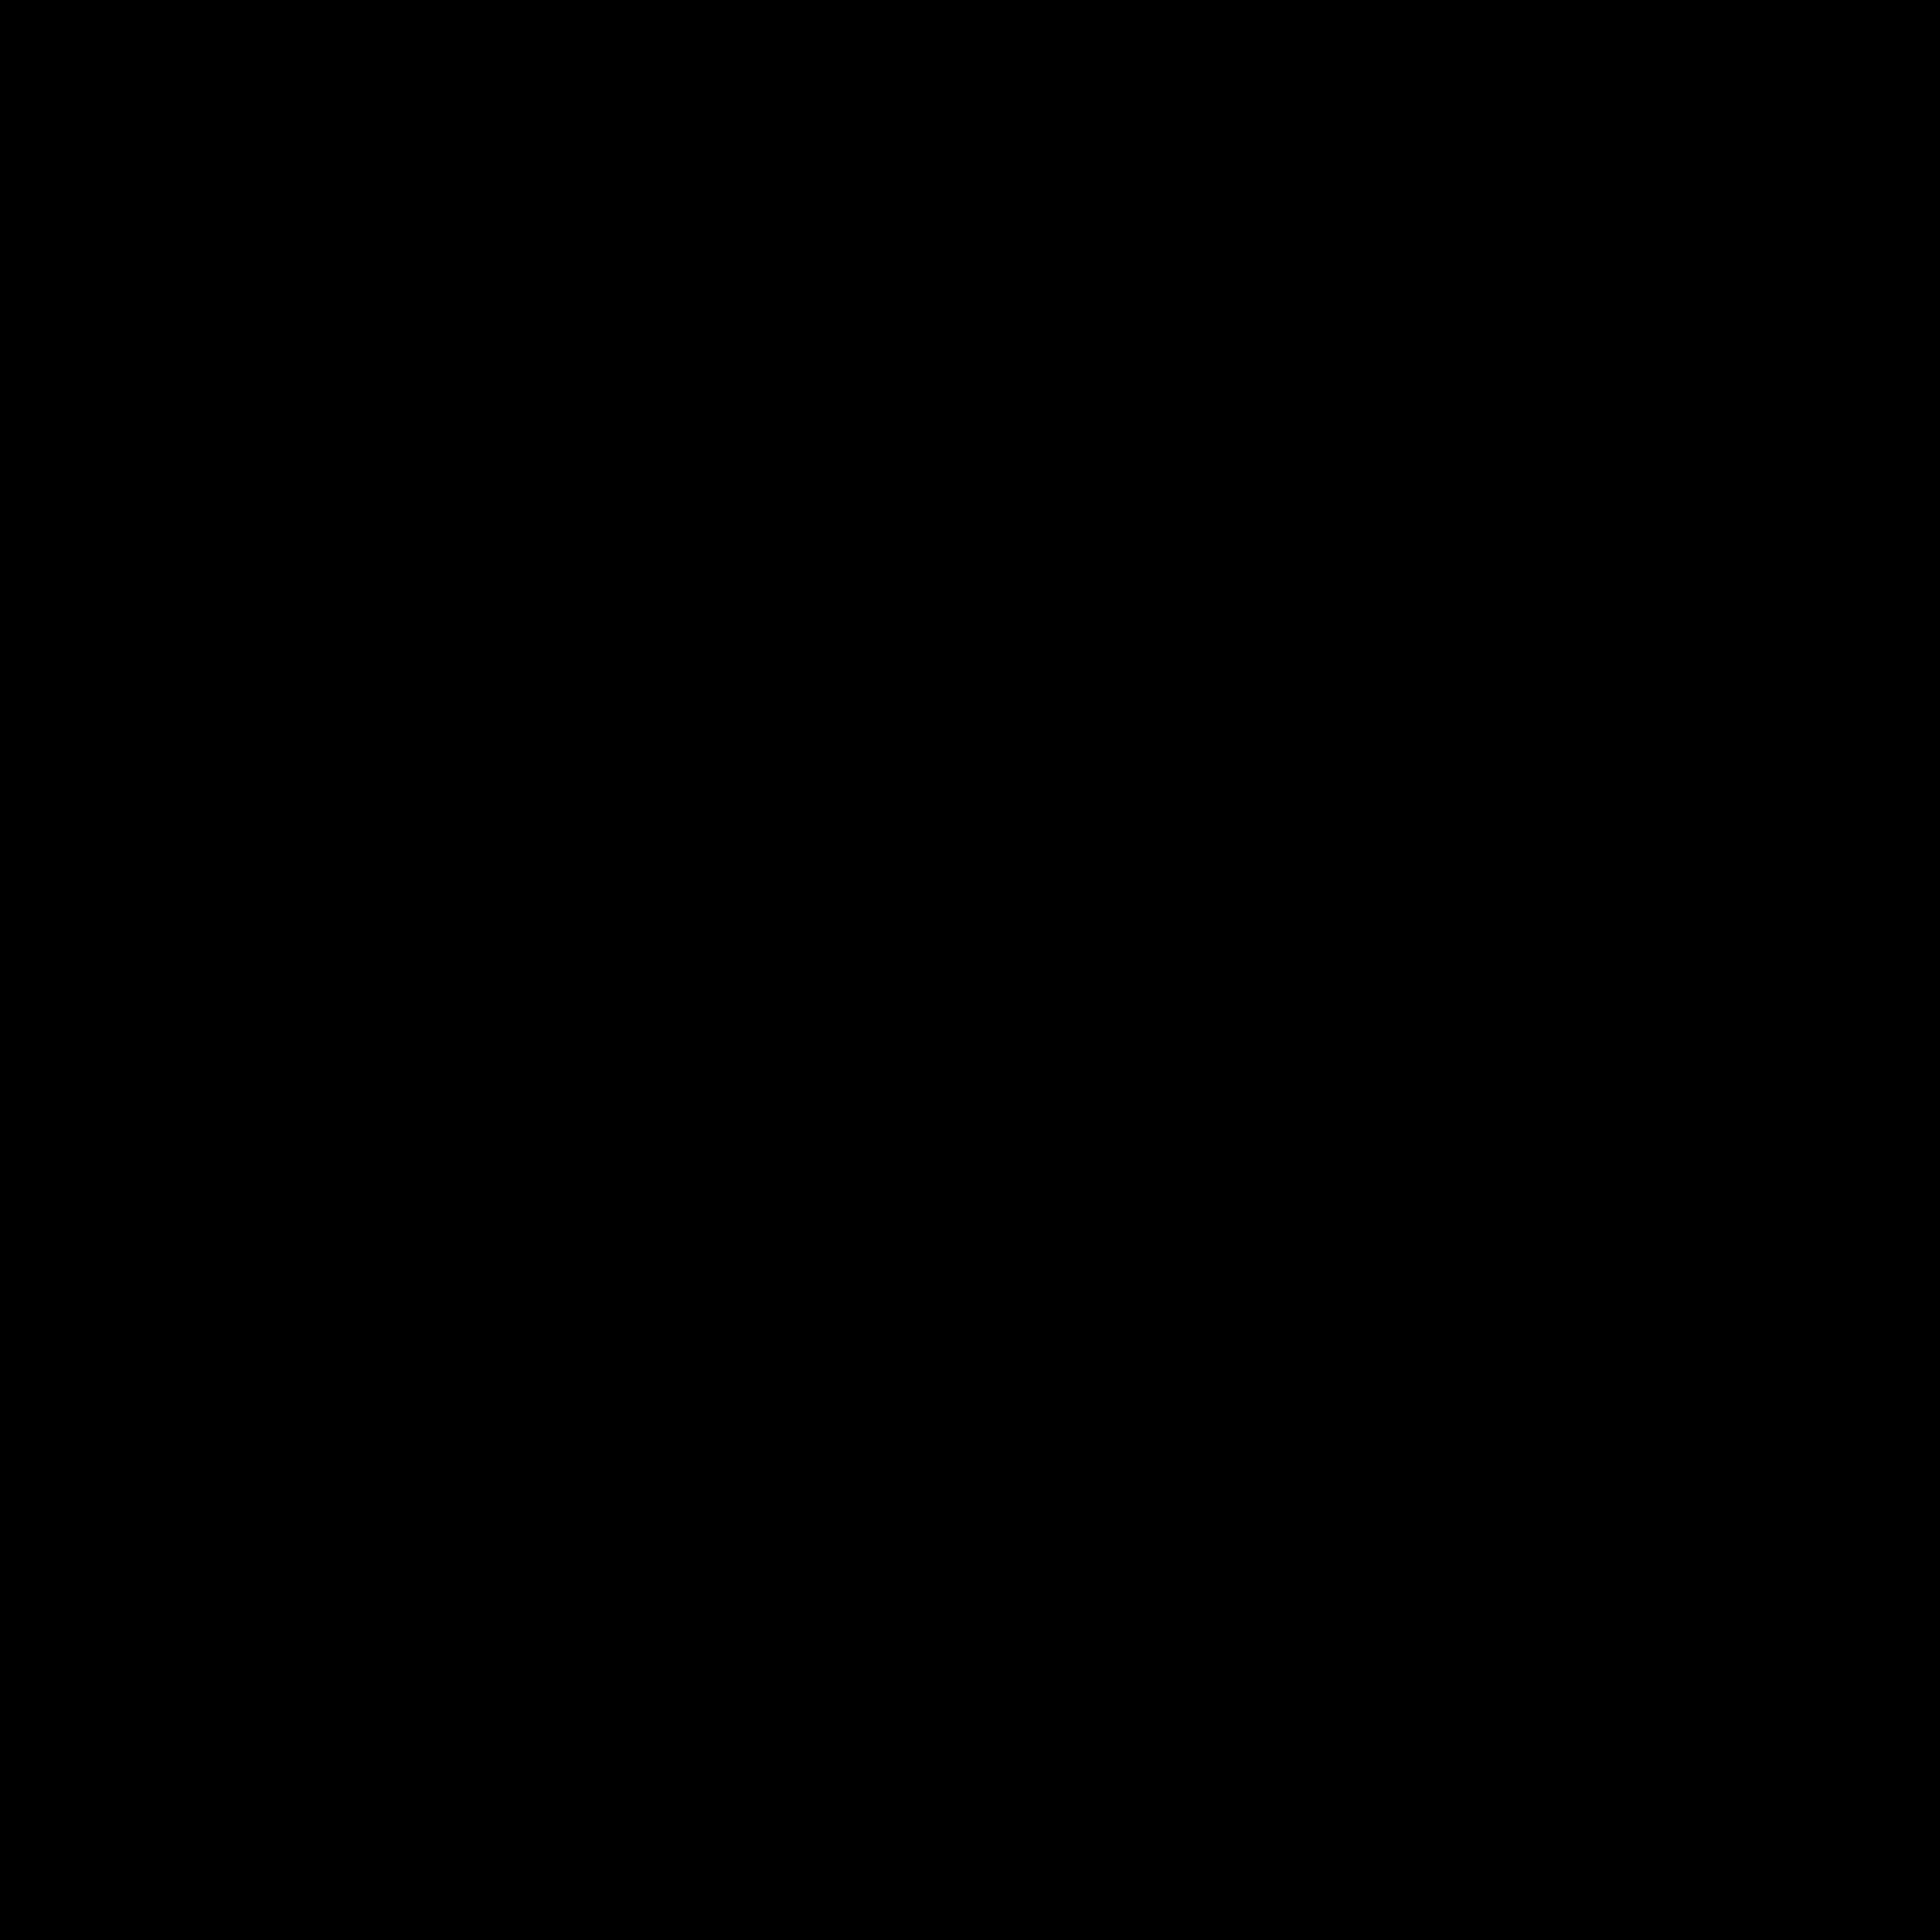 Gonsenheim-Shirt von Charles